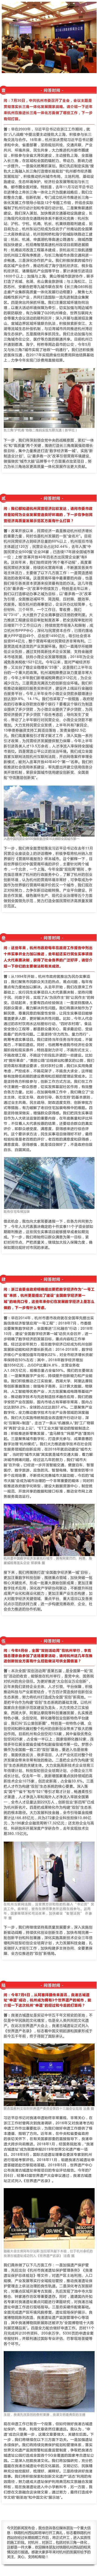 推进长三角一体化、发展数字经济……6个关键之问,杭州权威回应